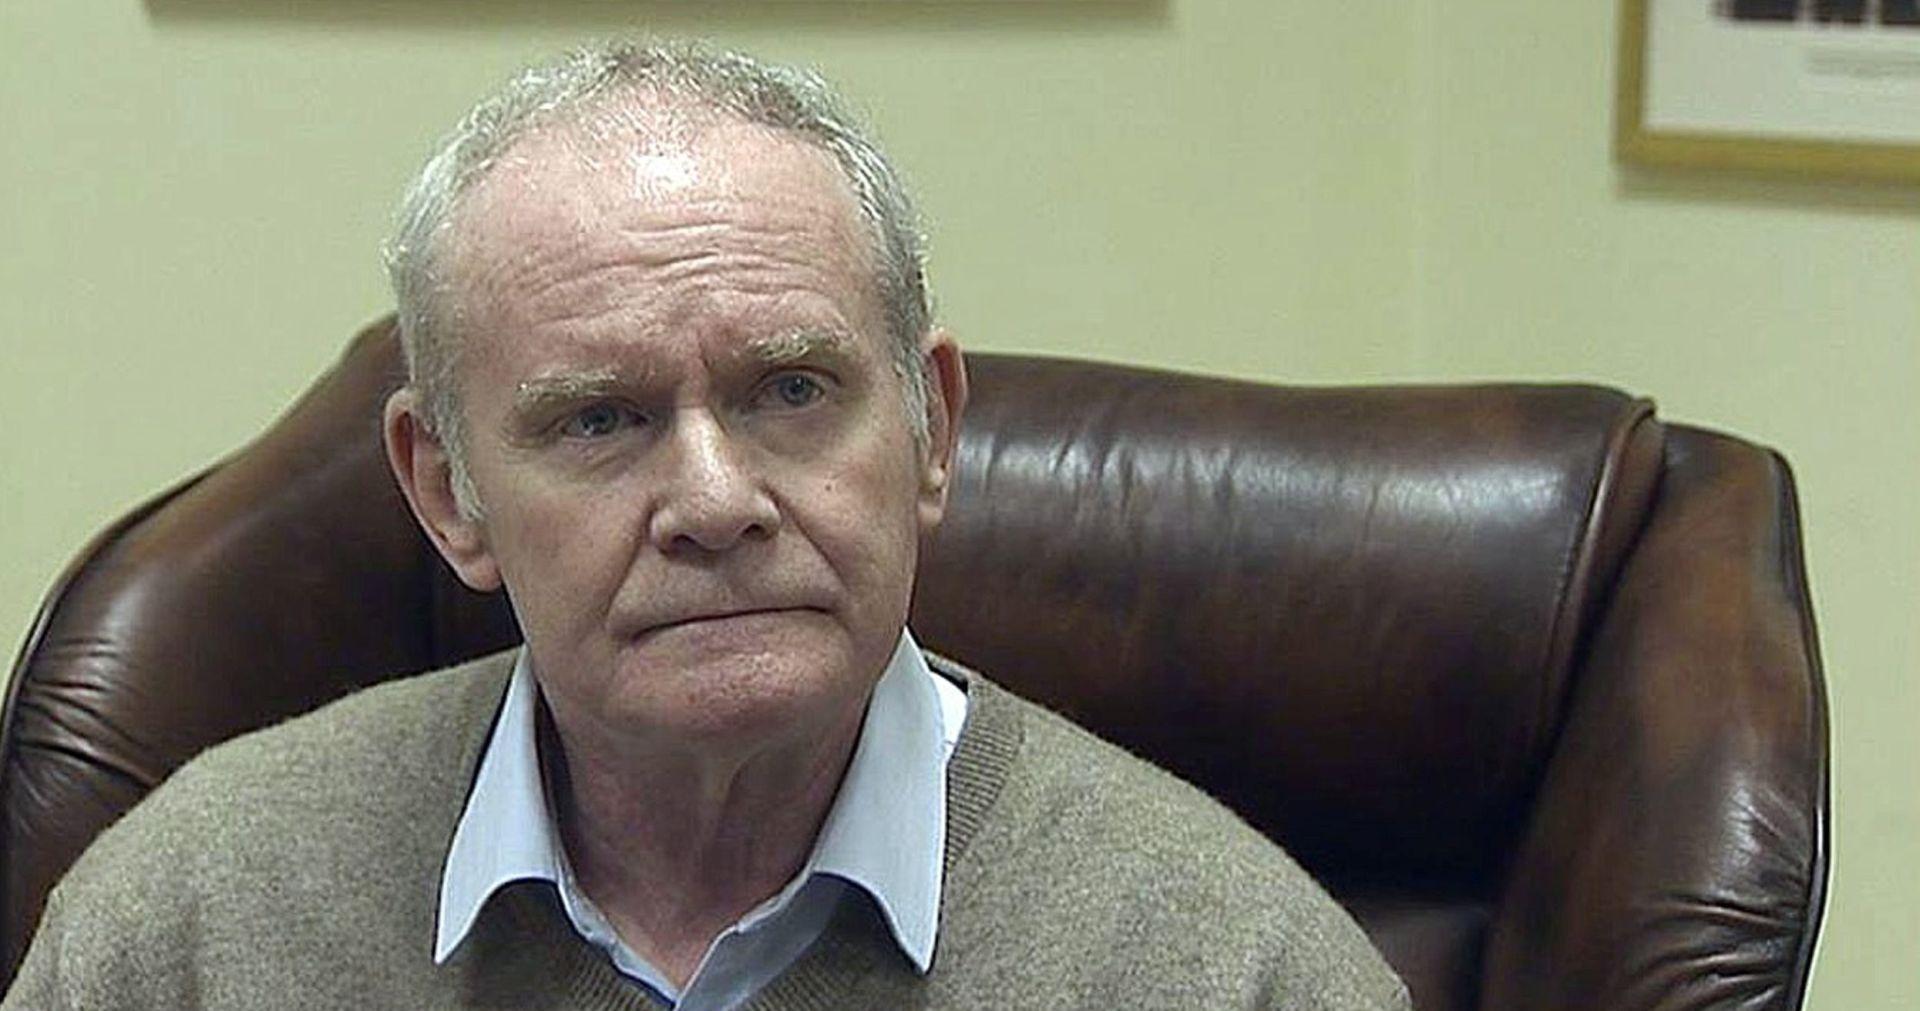 Umro Martin McGuinness, nekada borac IRA-e, zatim sjevernoirski mirotvorac